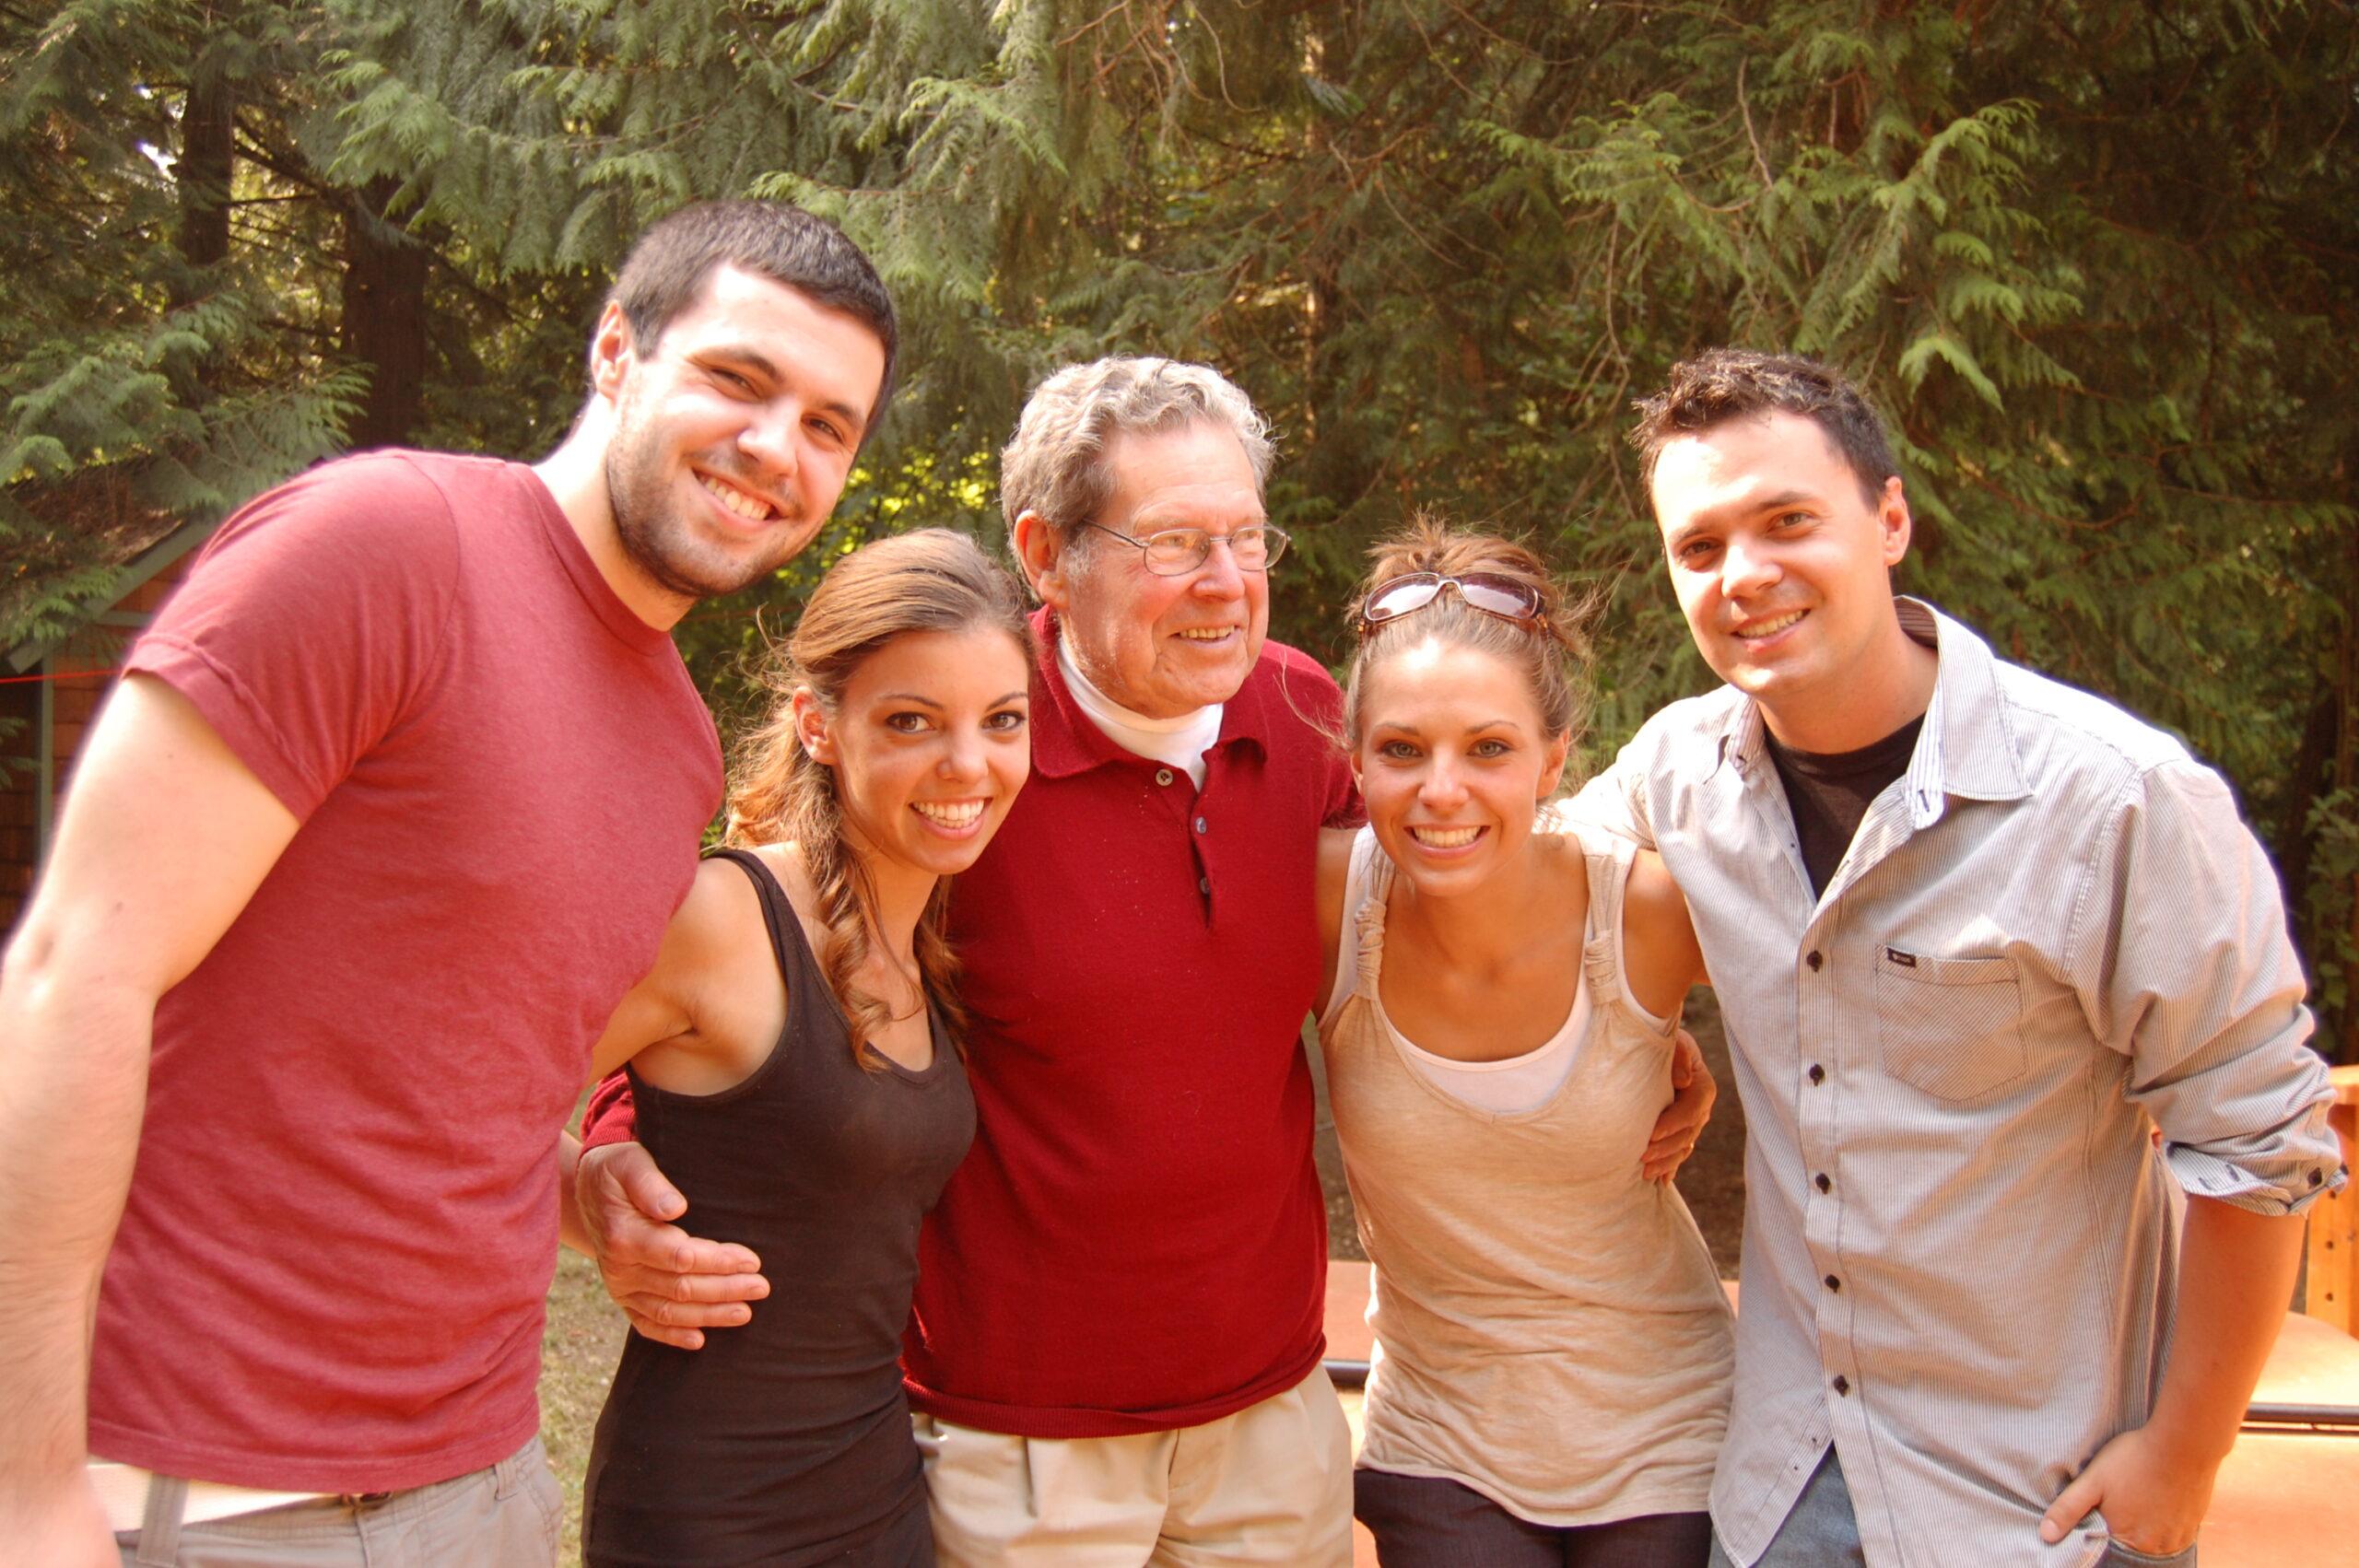 Abb. Thomas Heumann mit den vier Kindern von Carol Snider (2012) Foto: Carol Heumann Snider